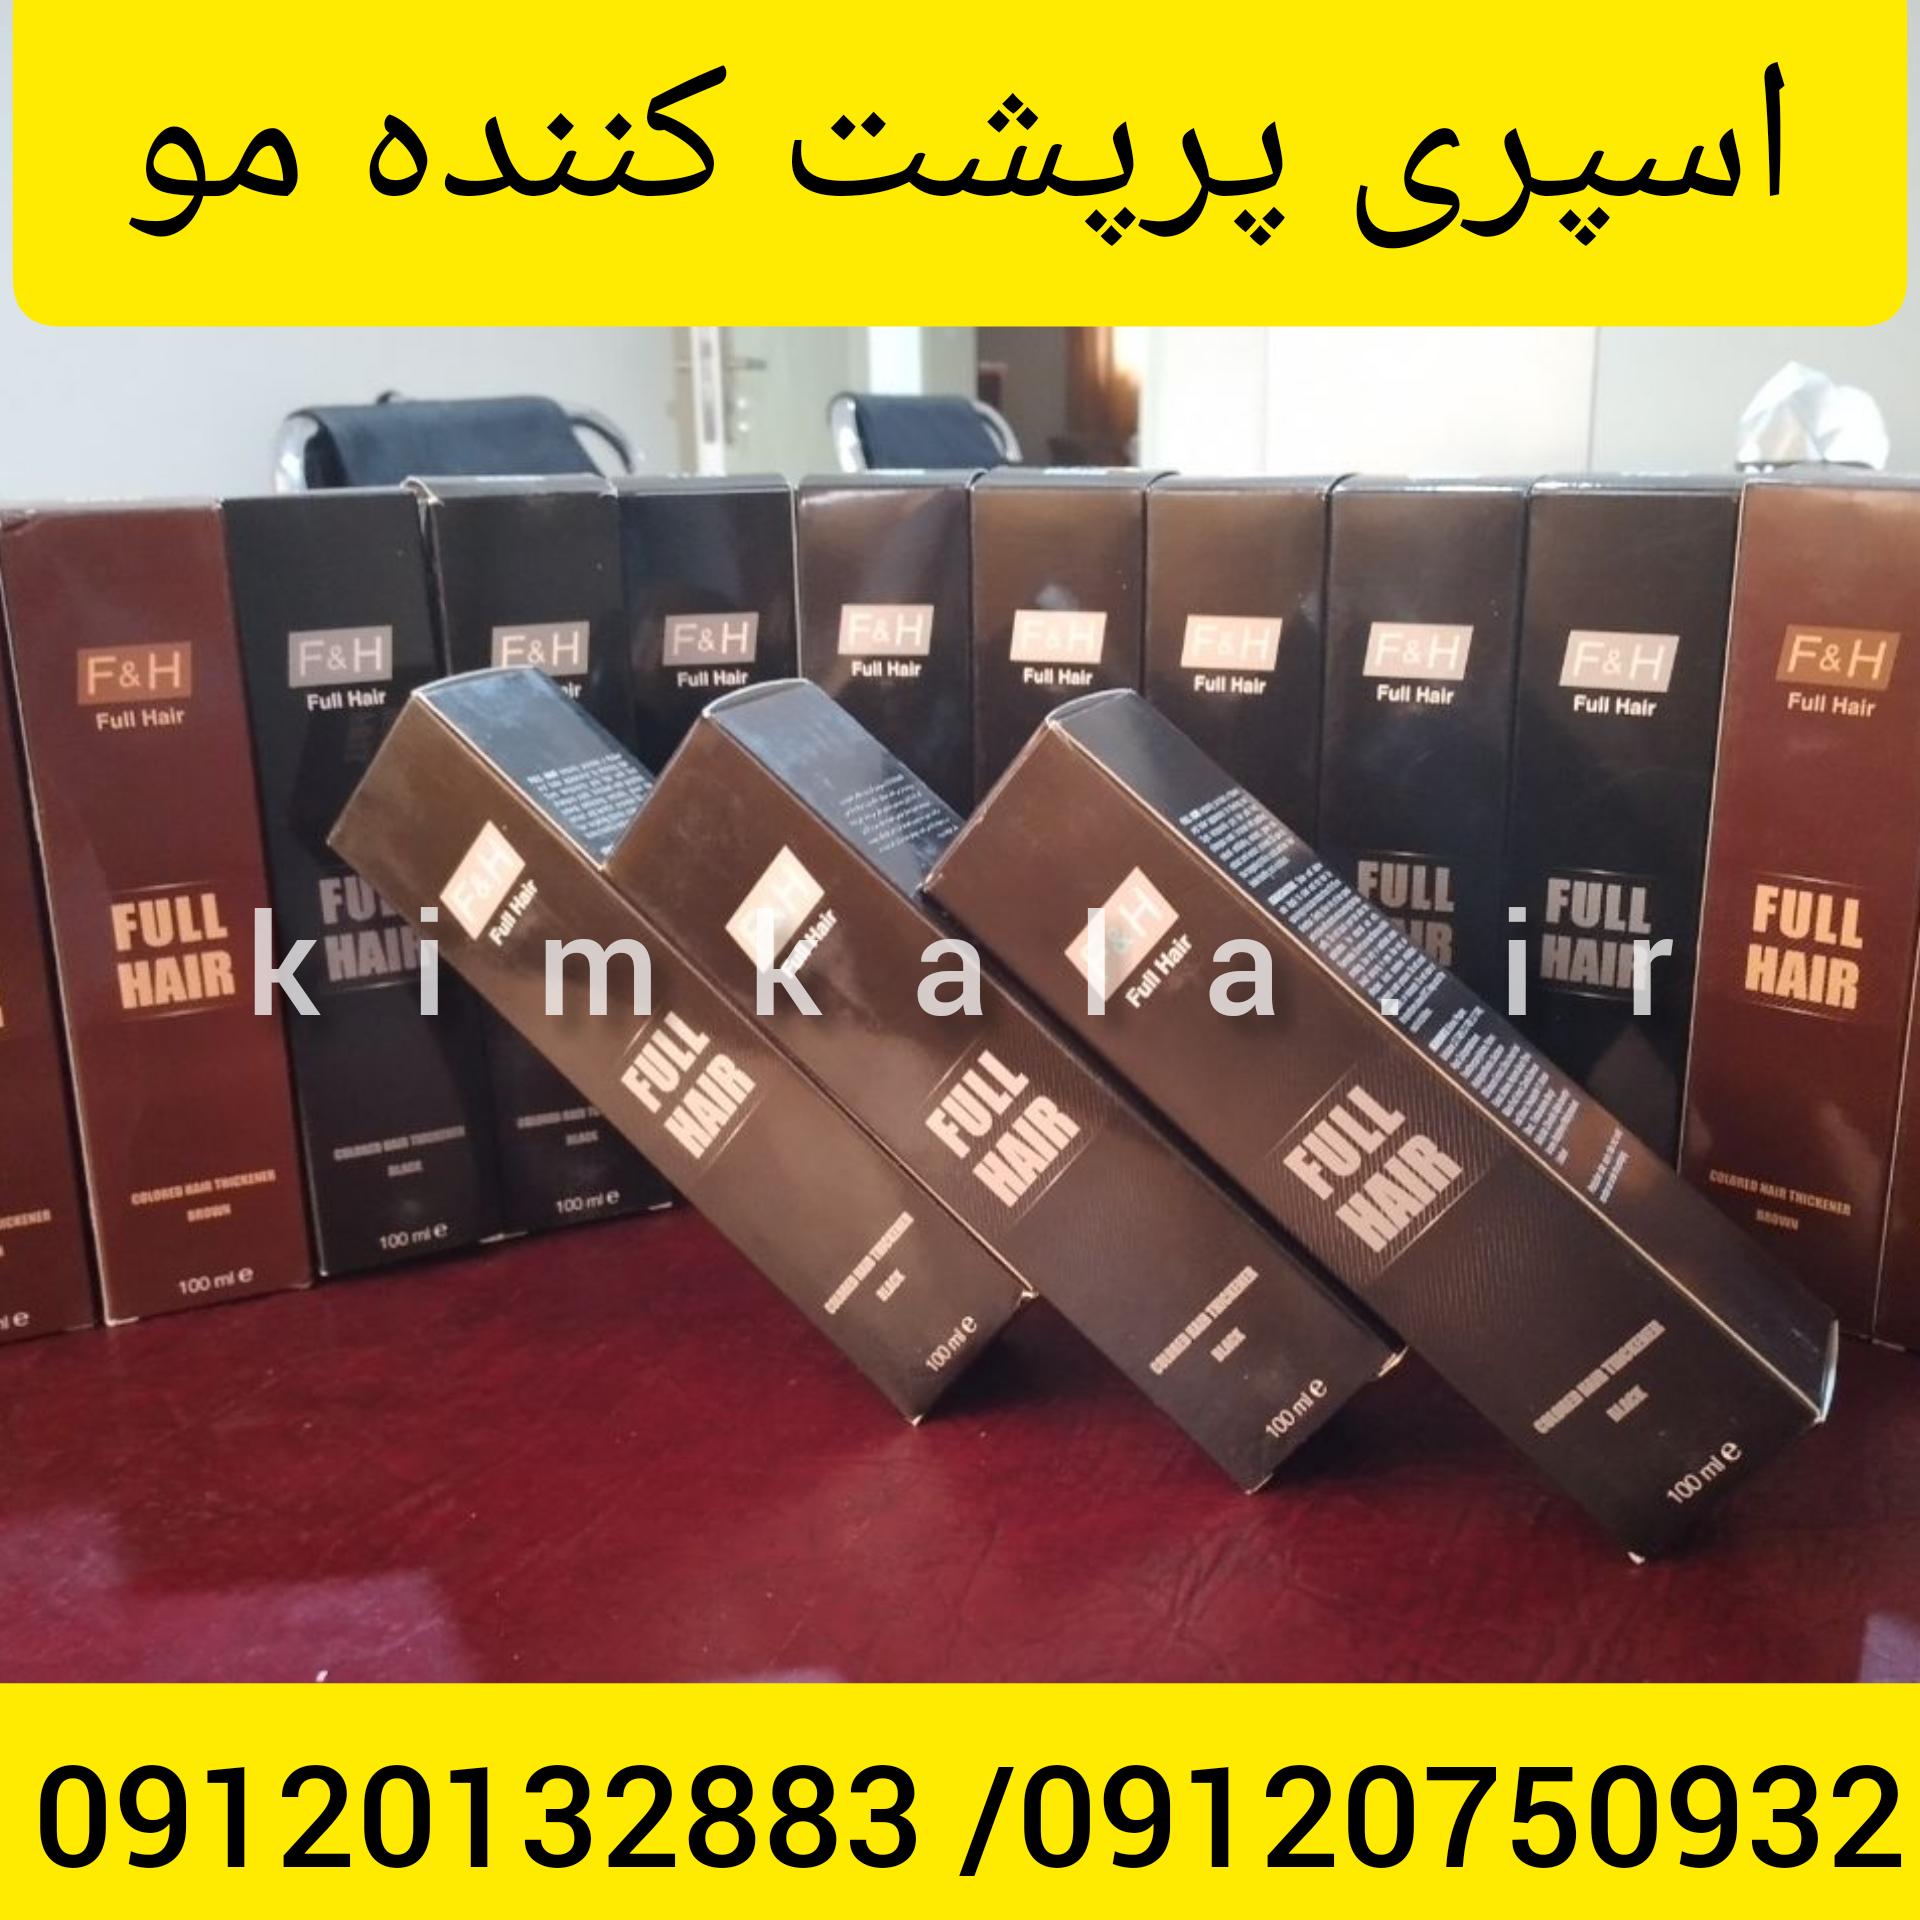 قیمت اسپری پر پشت کننده مو/09120132883/اسپری اف اند اچ